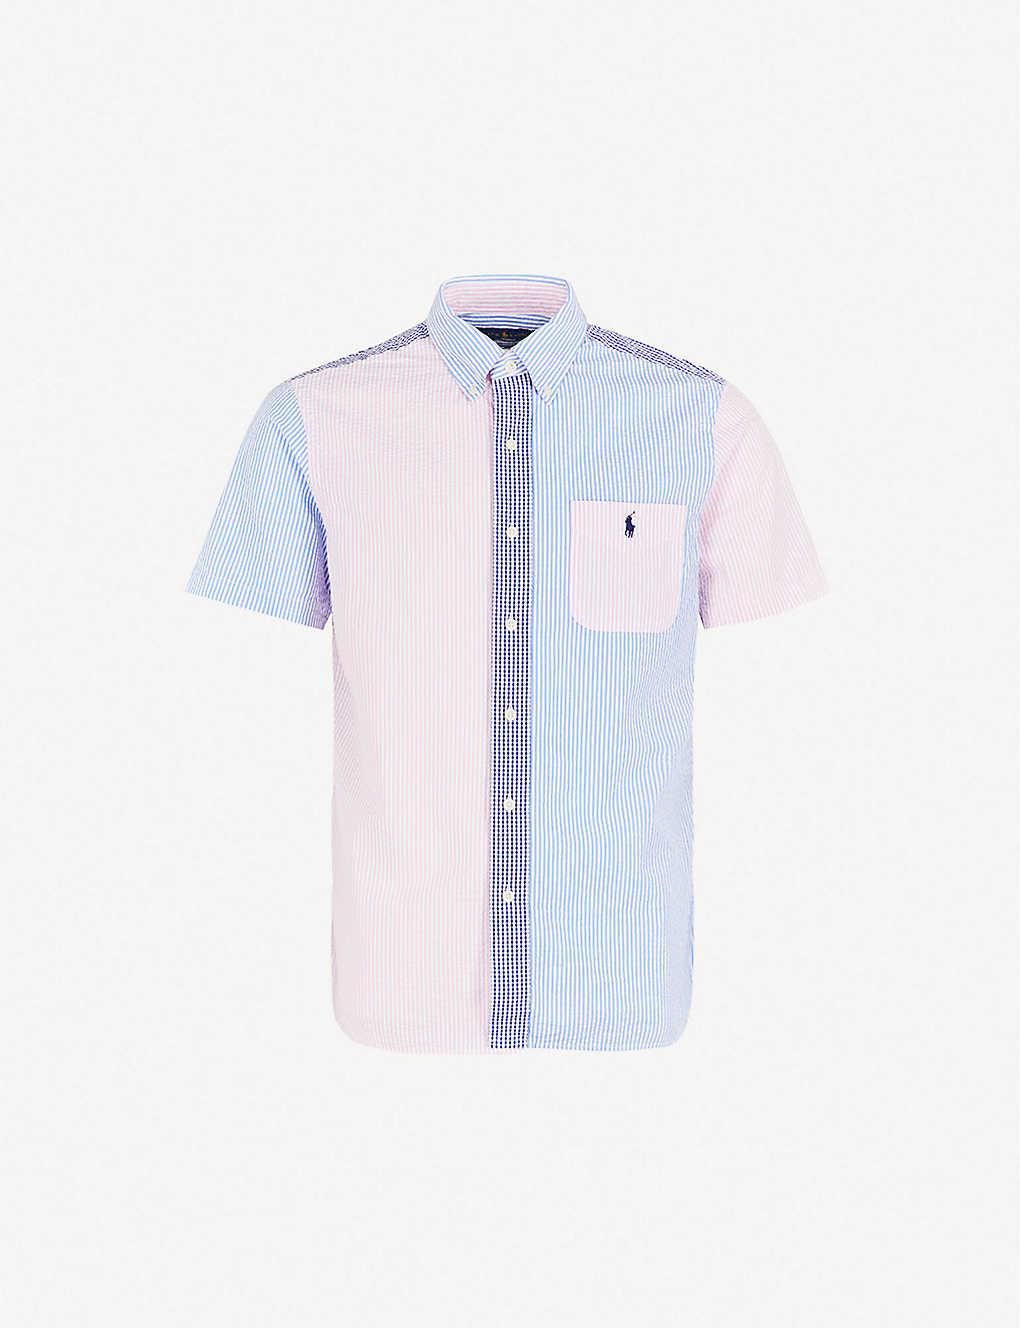 6ef506d7b POLO RALPH LAUREN - Fun patterned custom-fit cotton seersucker shirt ...